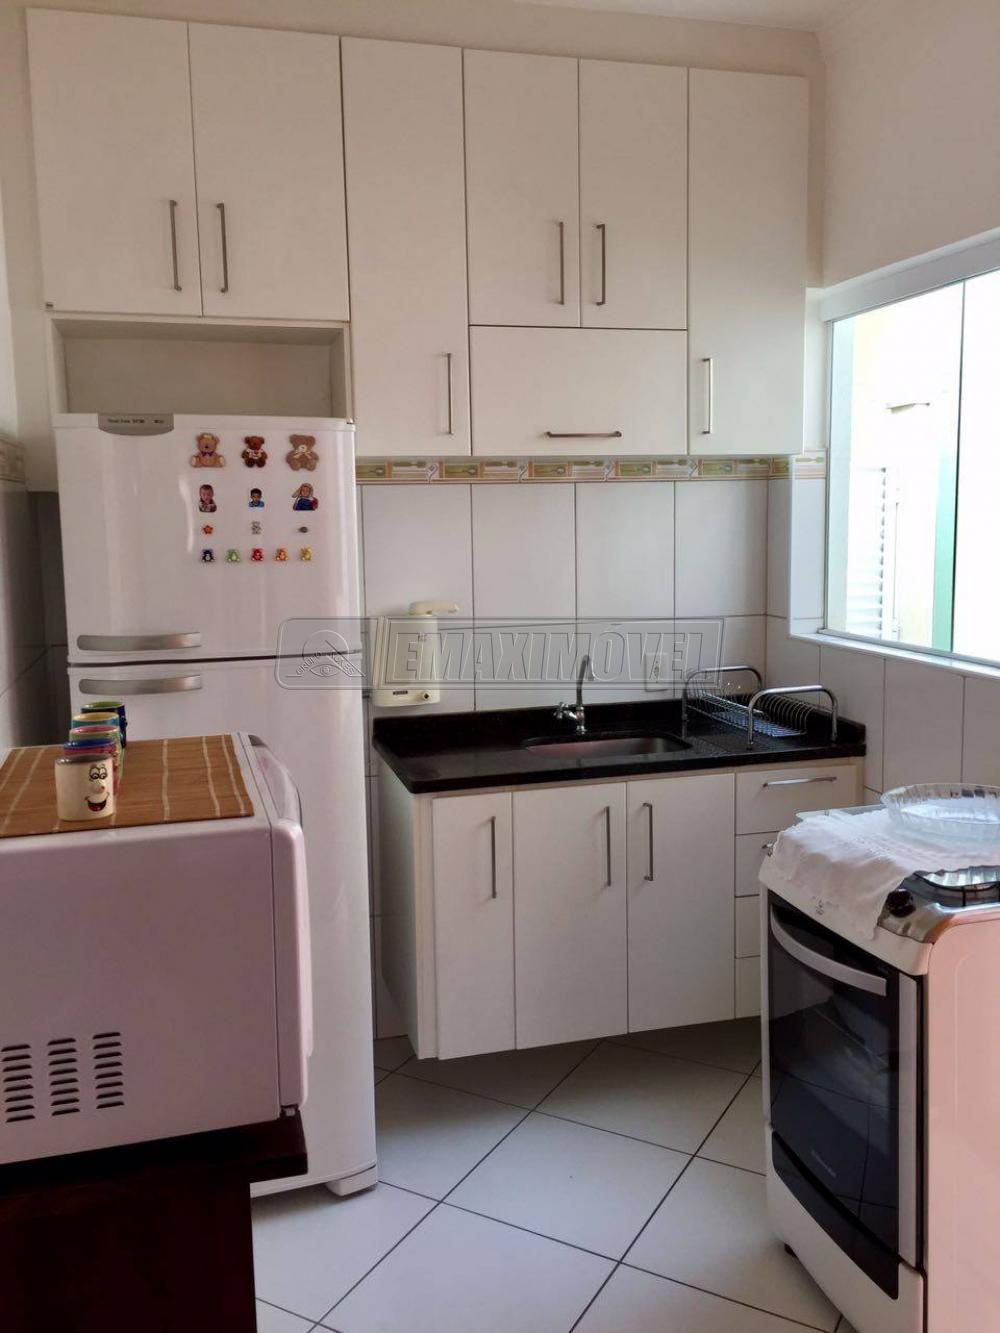 Comprar Casas / em Condomínios em Sorocaba apenas R$ 320.000,00 - Foto 5